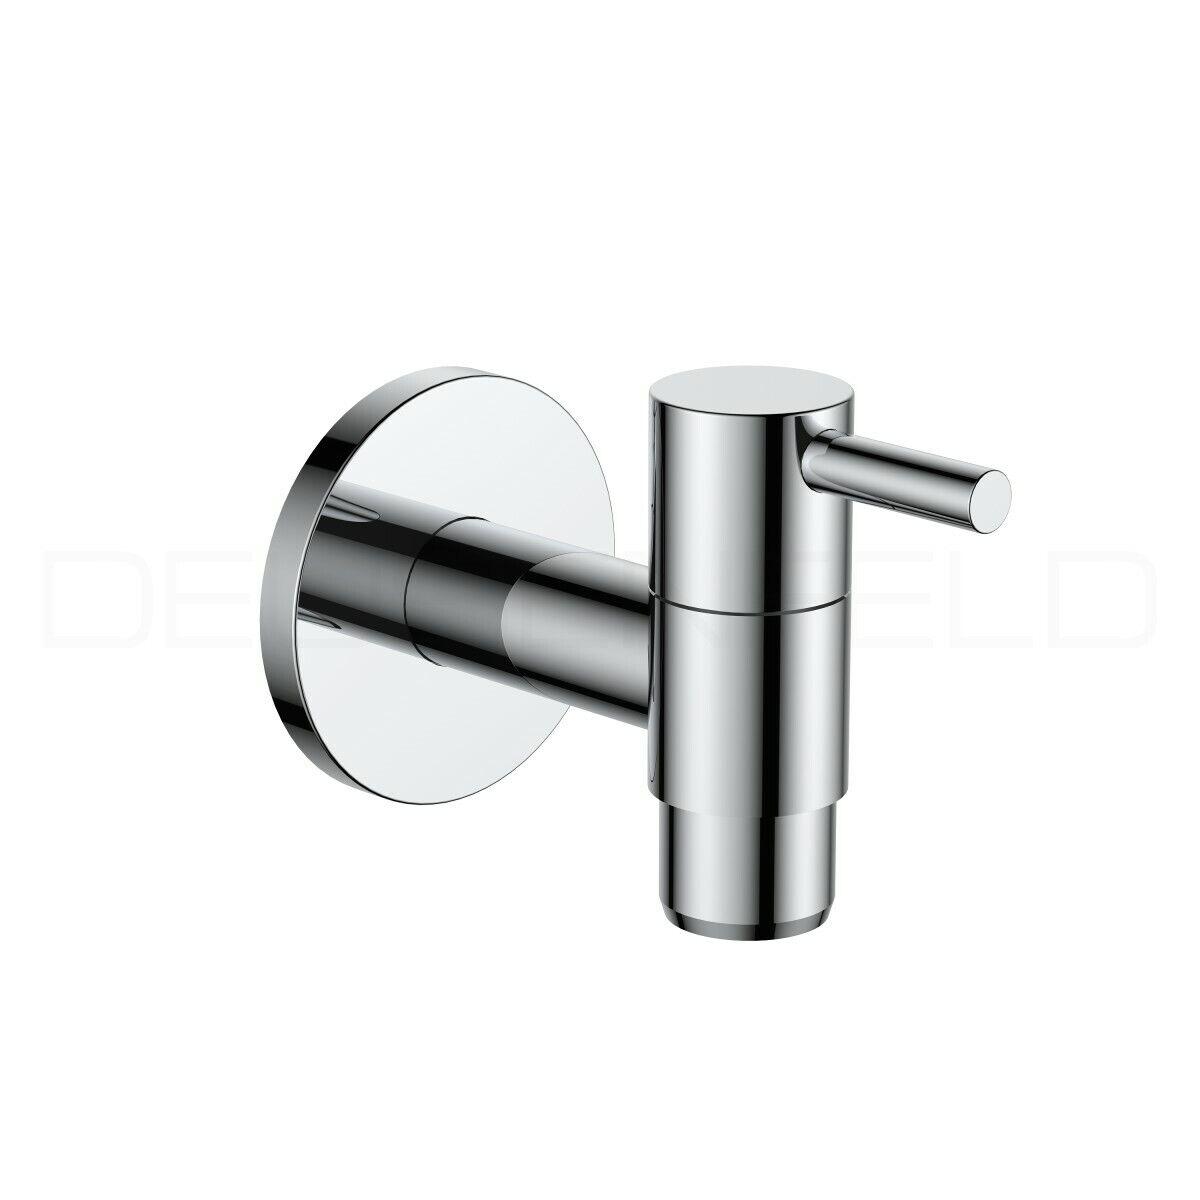 DEUSENFELD  LOUNGE  Wandventil Wandarmatur Ventil für Kaltwasser, Gäste WC,chrom | Vorzügliche Verarbeitung  | Qualität zuerst  | Fuxin  | Ausgezeichnete Qualität